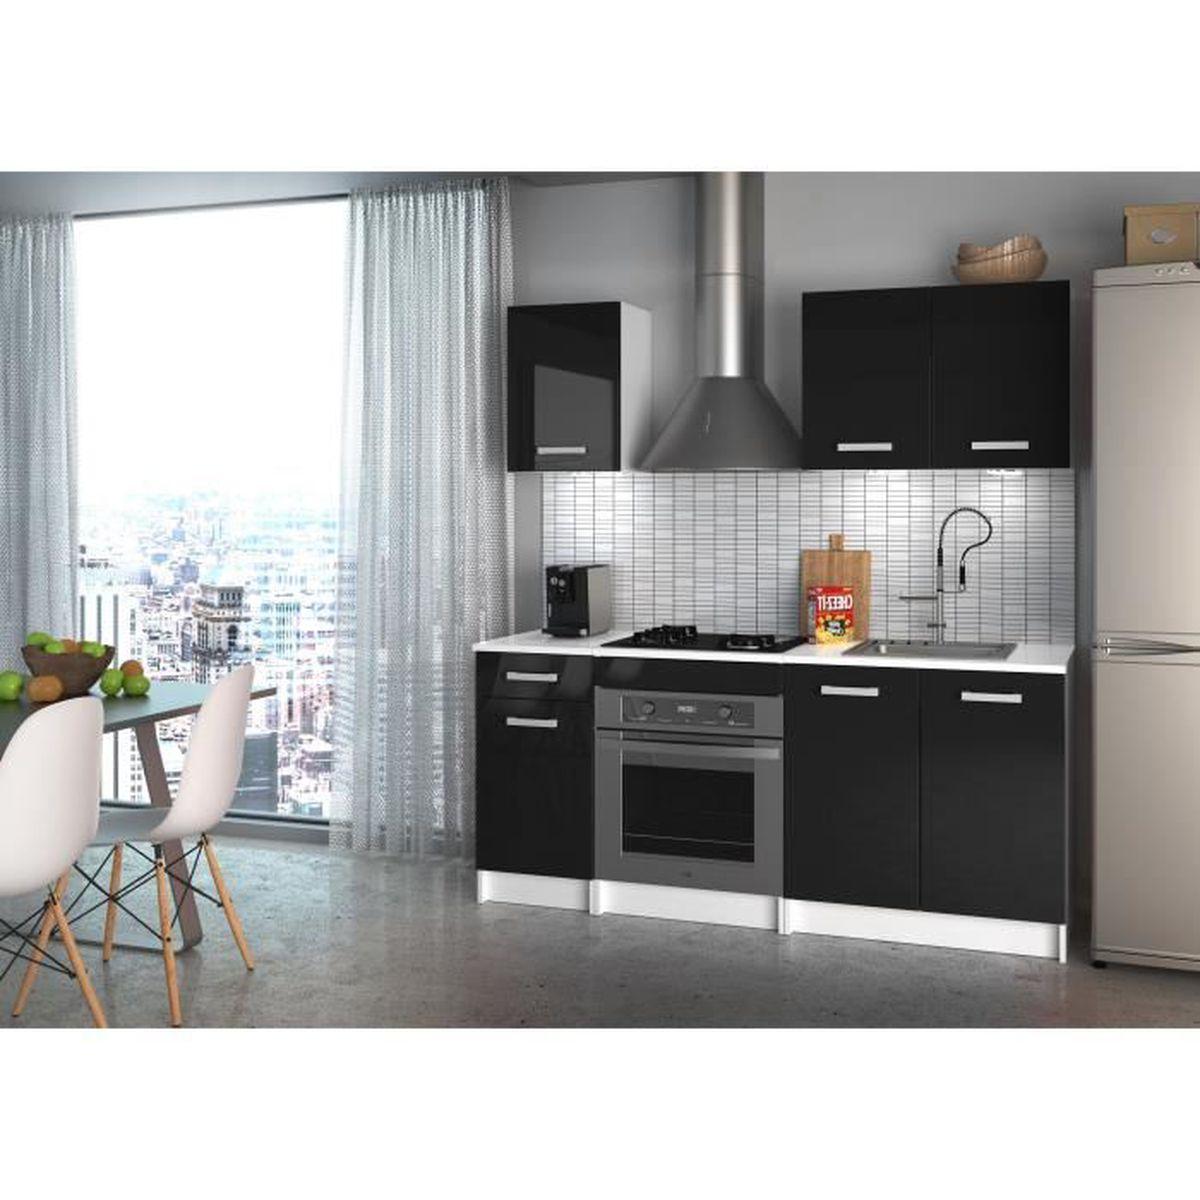 Meuble Cuisine Noir Pas Cher start meuble de cuisine noir complete - achat / vente pas cher